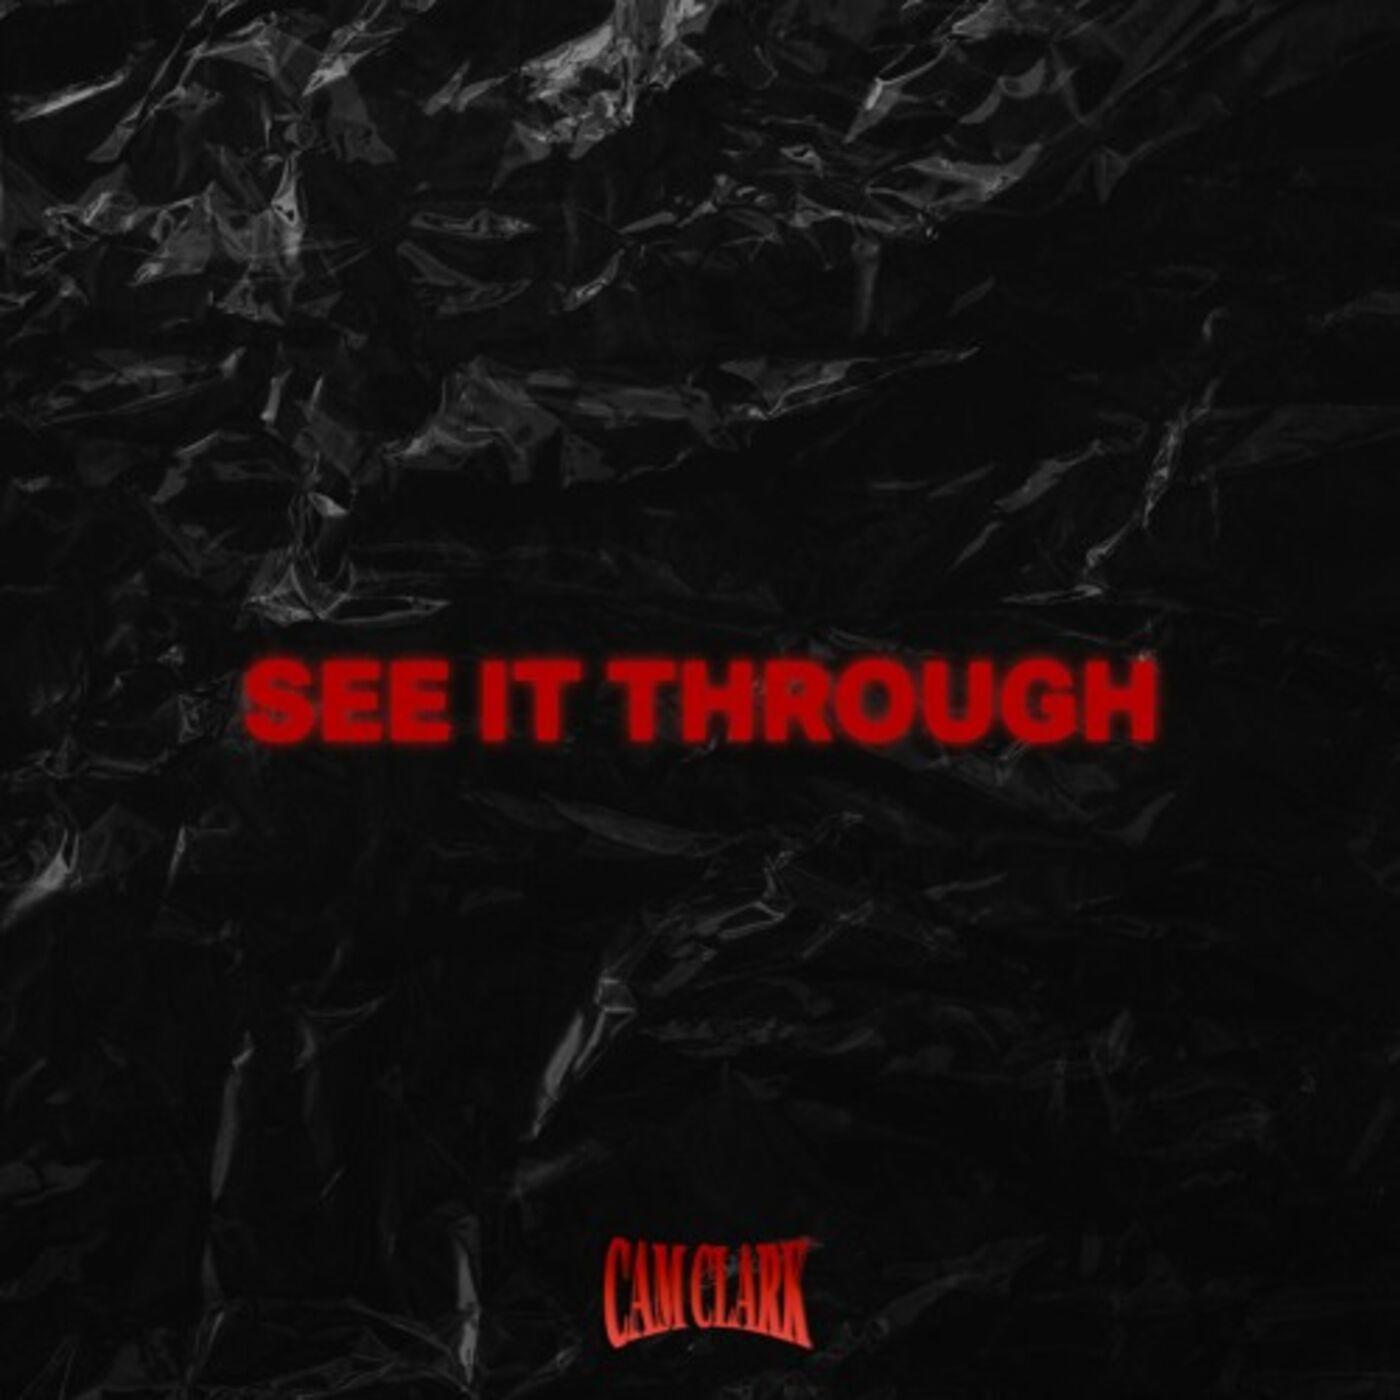 See It Through - Cam Clark